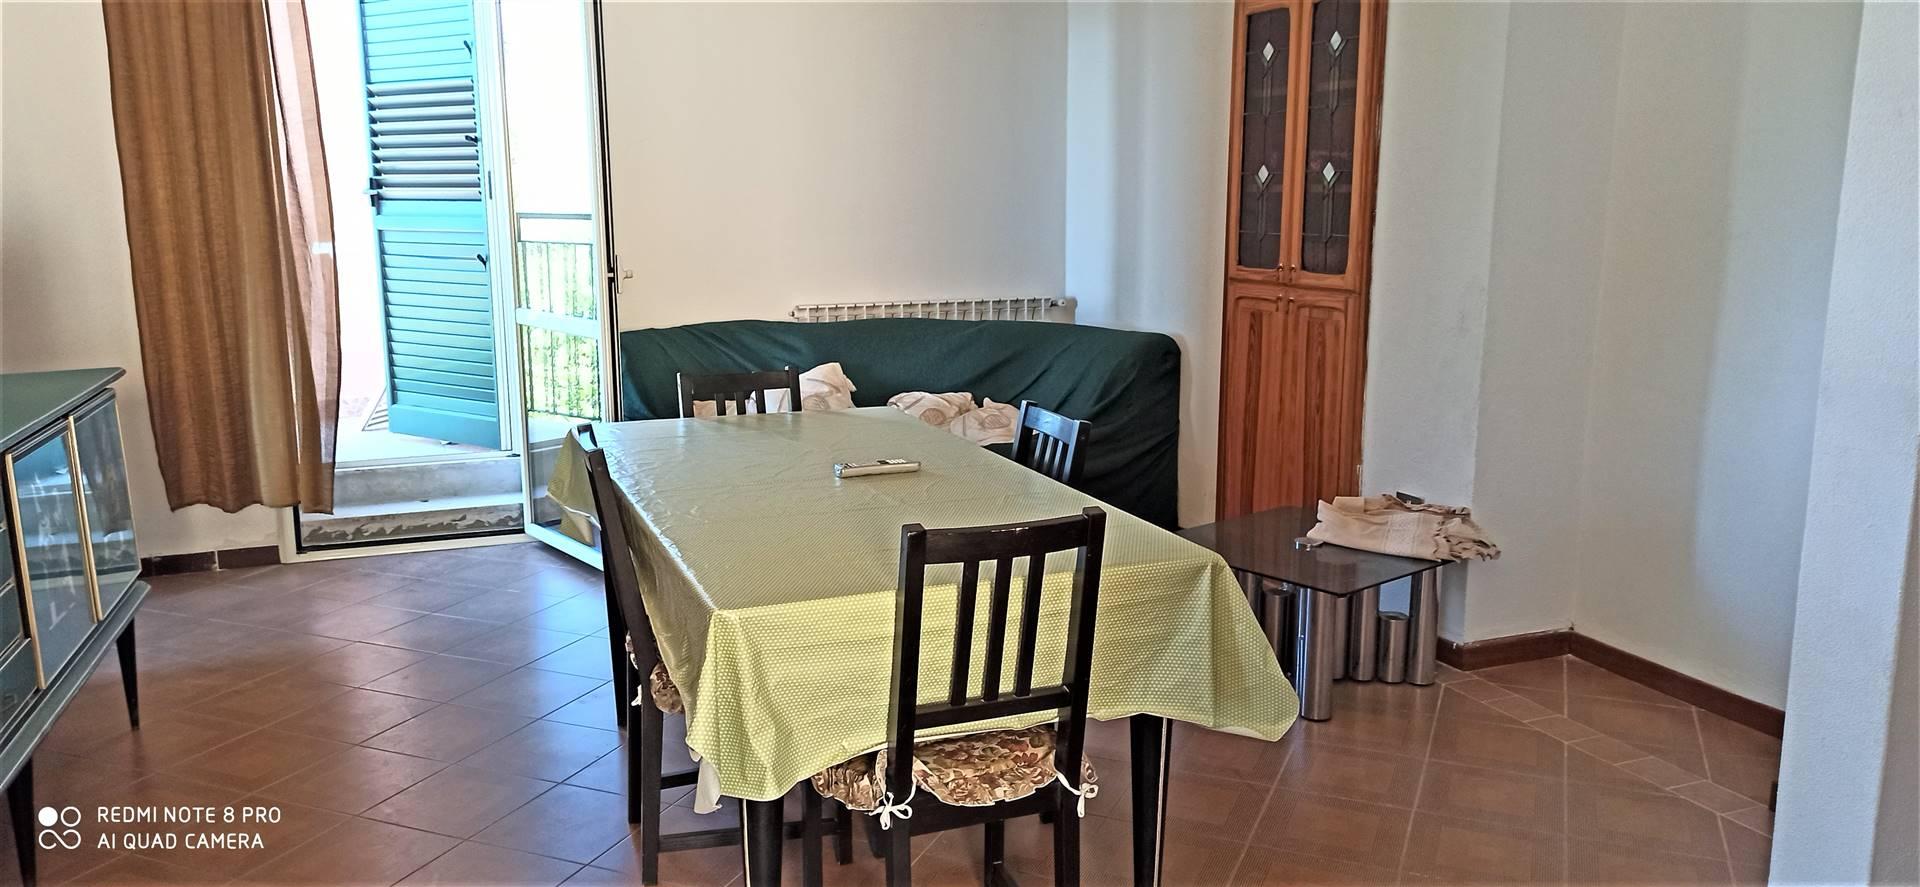 Appartamento in affitto a Villa San Giovanni, 3 locali, zona Località: PORTICELLO, prezzo € 400 | CambioCasa.it